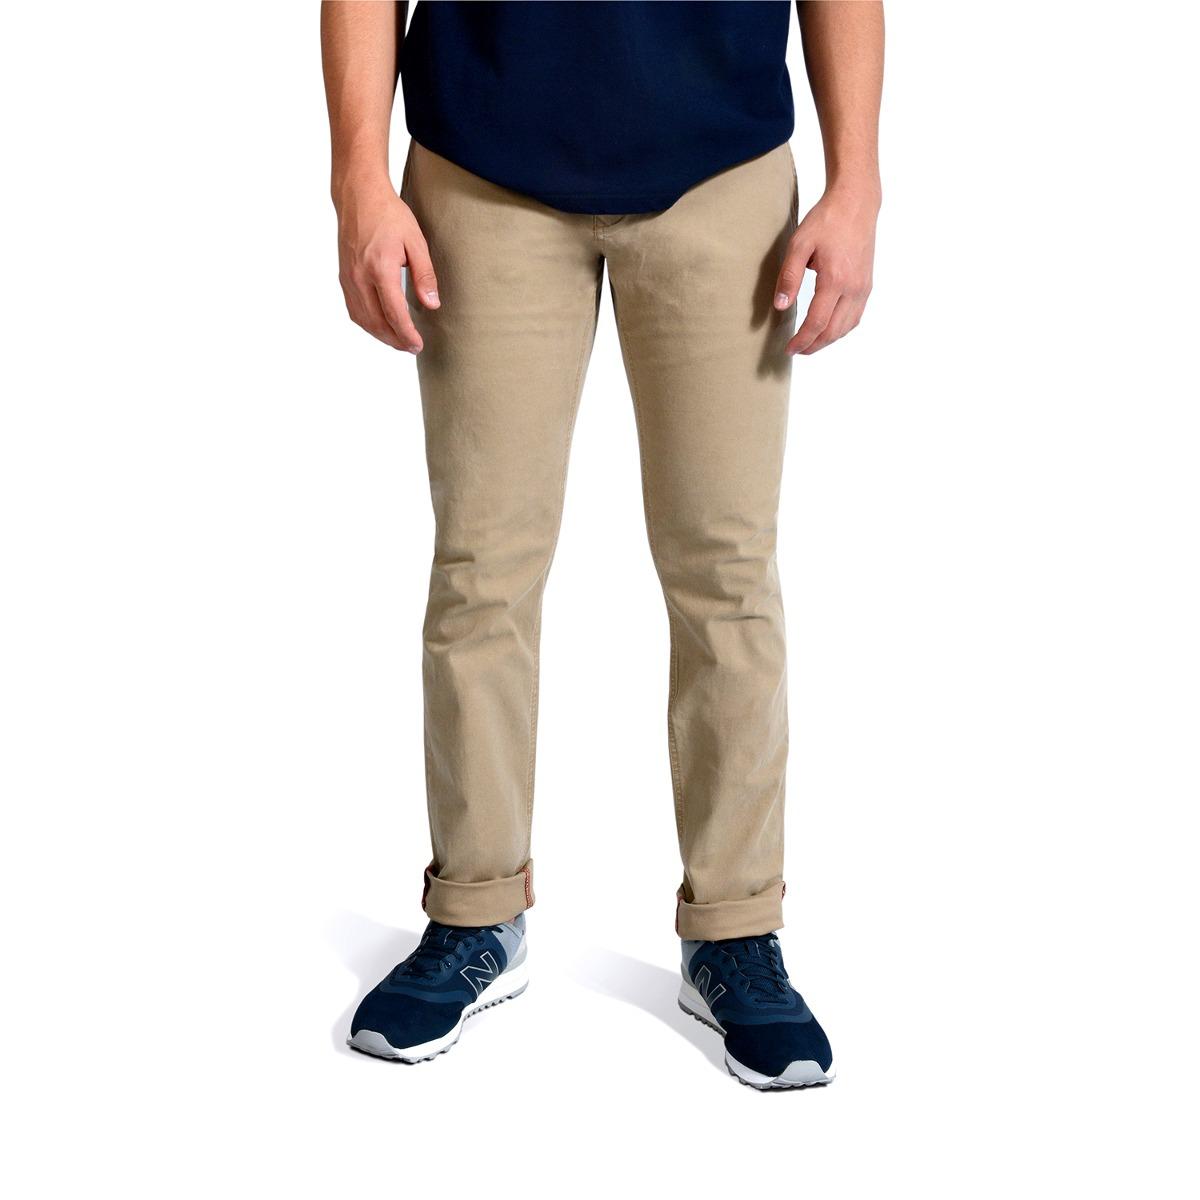 560efc2fd3 Pantalon Warren Color Siete Para Hombre - Beige -   189.900 en ...